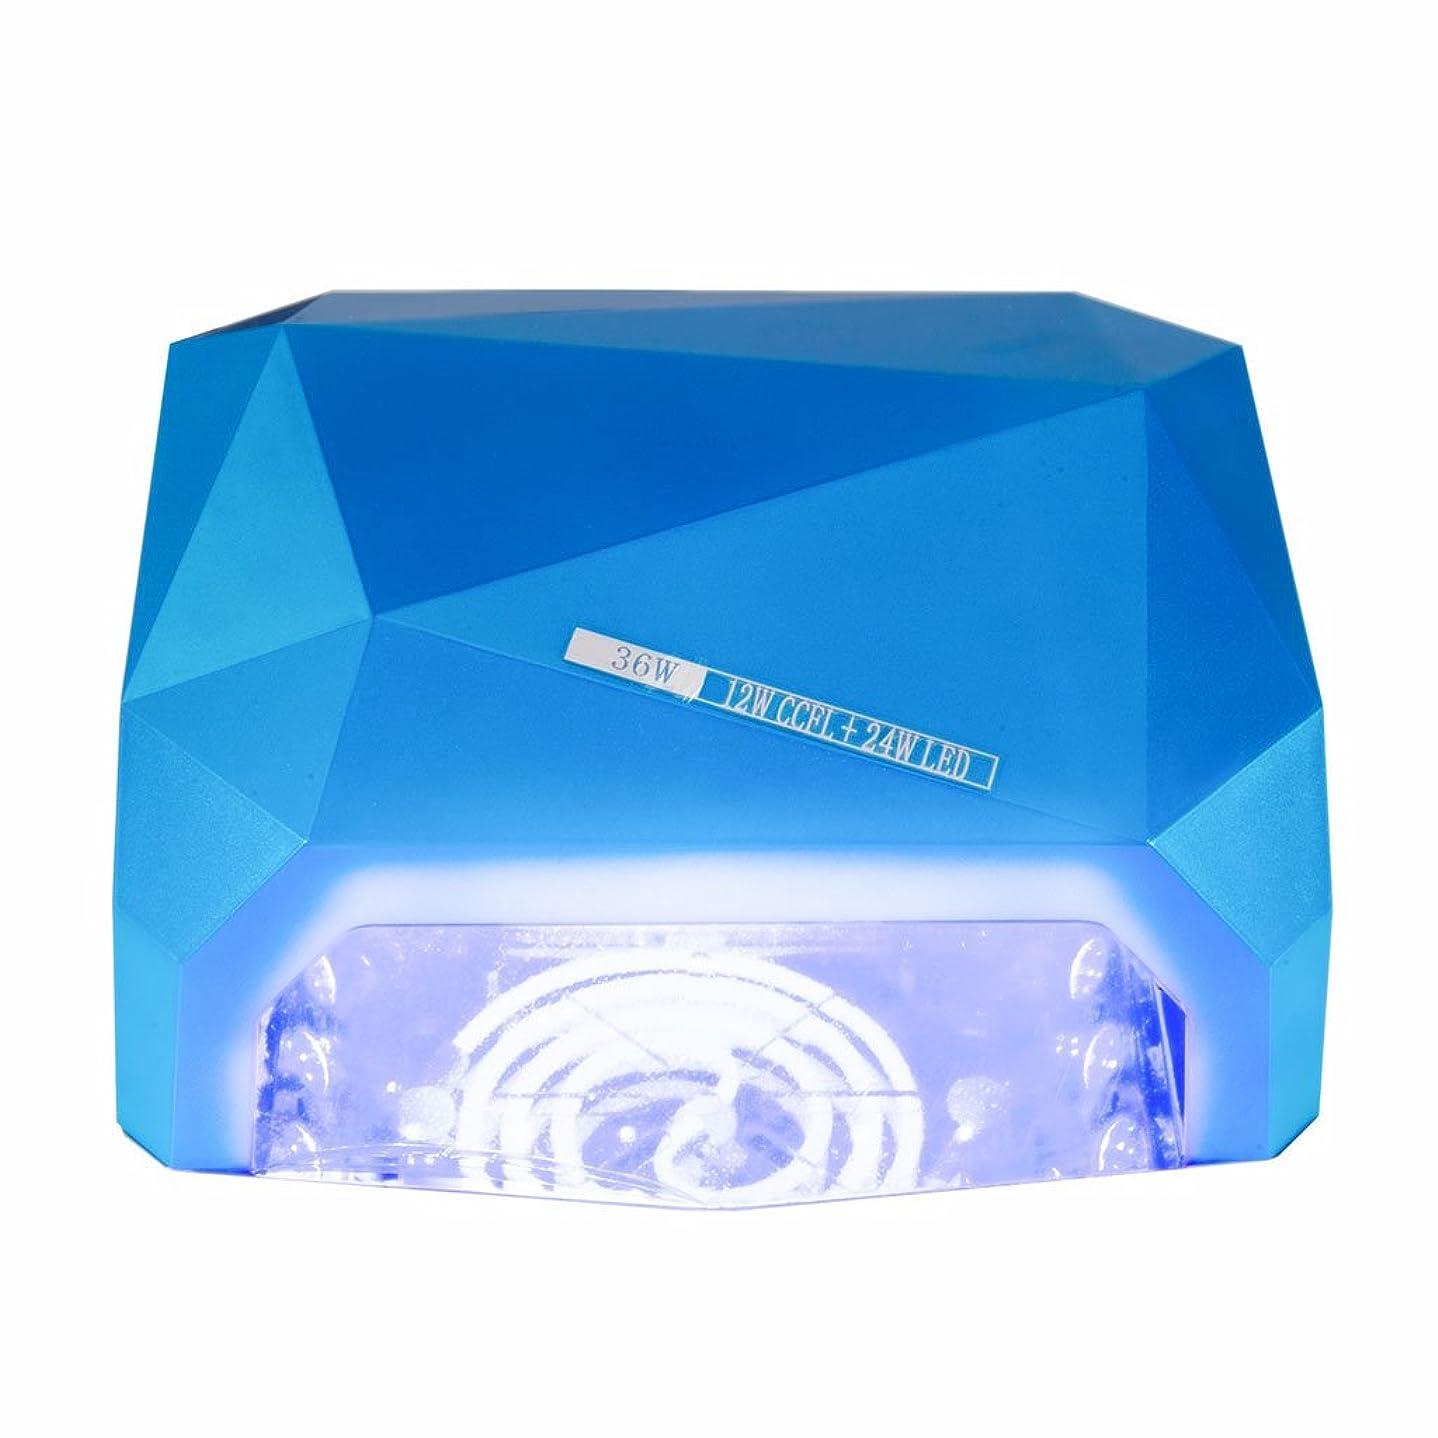 オセアニアもっとトレイルネイル光線療法機 ネイルドライヤー - 36wネイルランプCCFLネイル光線療法ランプ36WネイルLED光線療法ランプUV + LEDダイヤモンド光線療法マシン